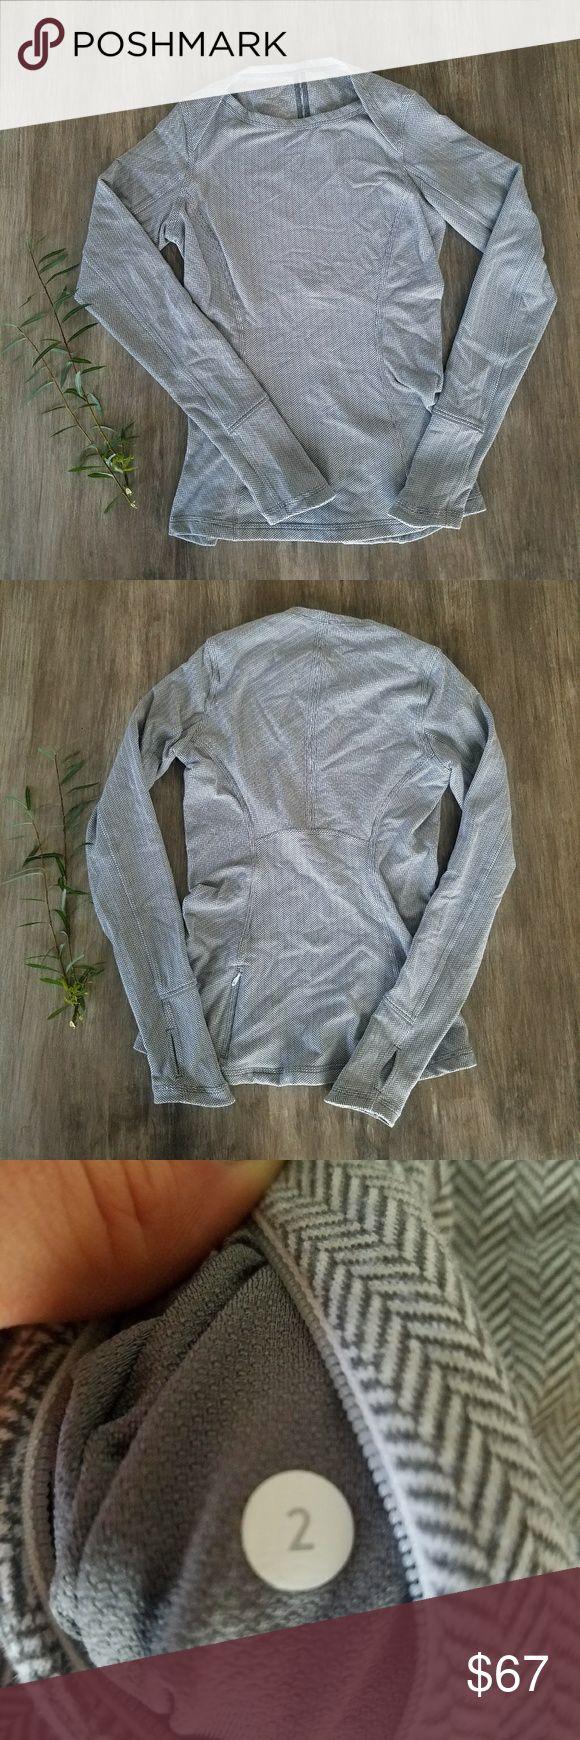 Lululemon longsleeve herringbone shirt Lululemon Longsleeve herringbone shirt with thumb holes. lululemon athletica Tops Tees - Long Sleeve